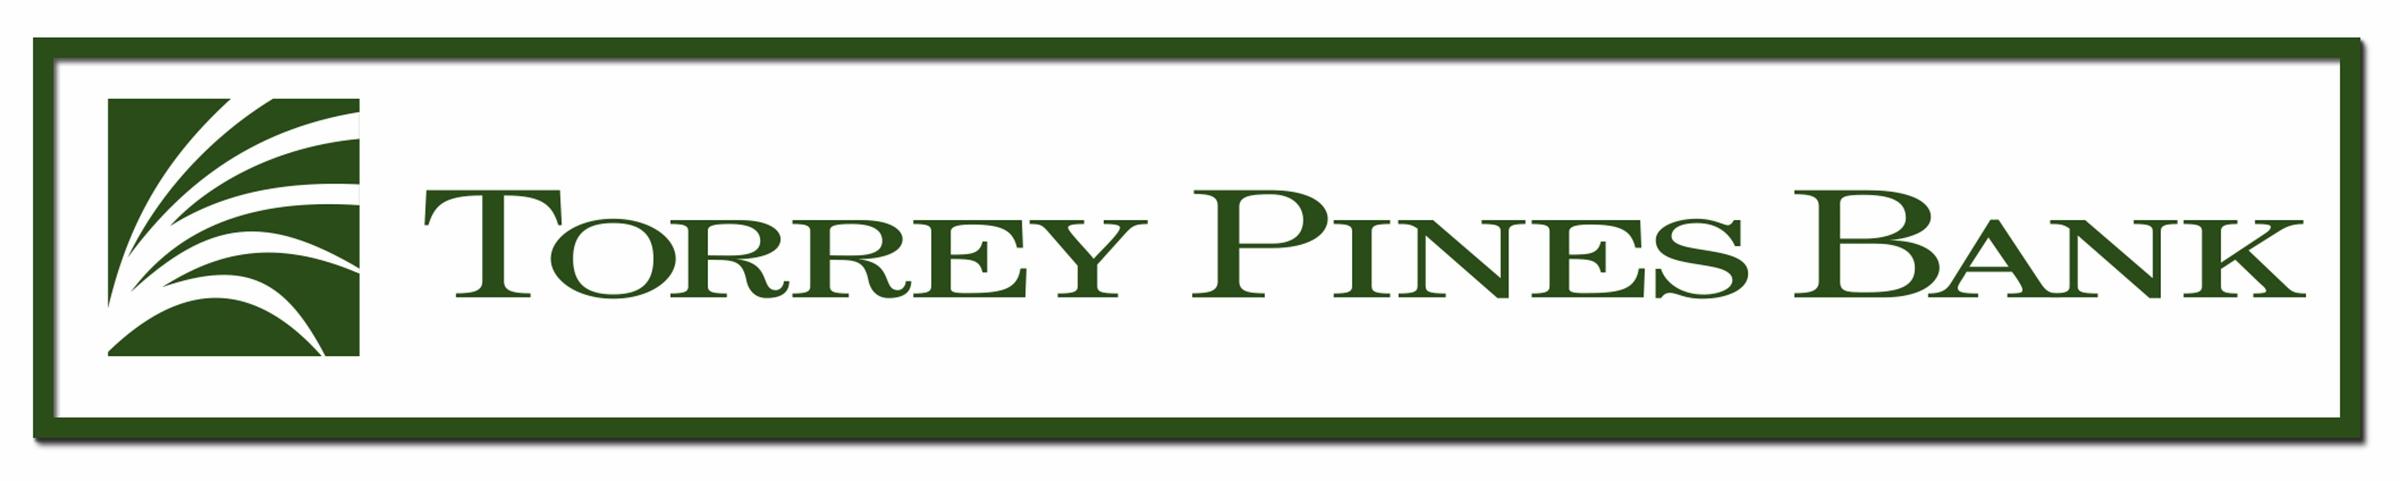 Torrey pines bank oakland ca - Torrey Pines Bank